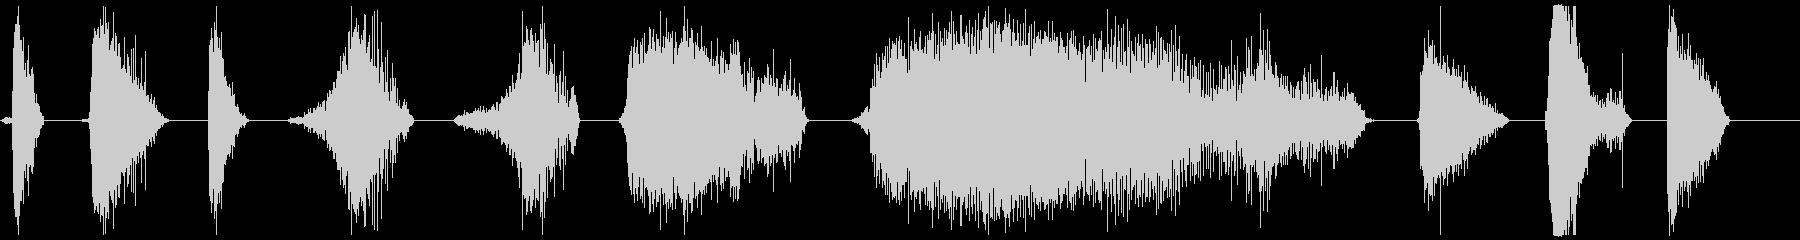 モンスターブレスロア26-36の未再生の波形